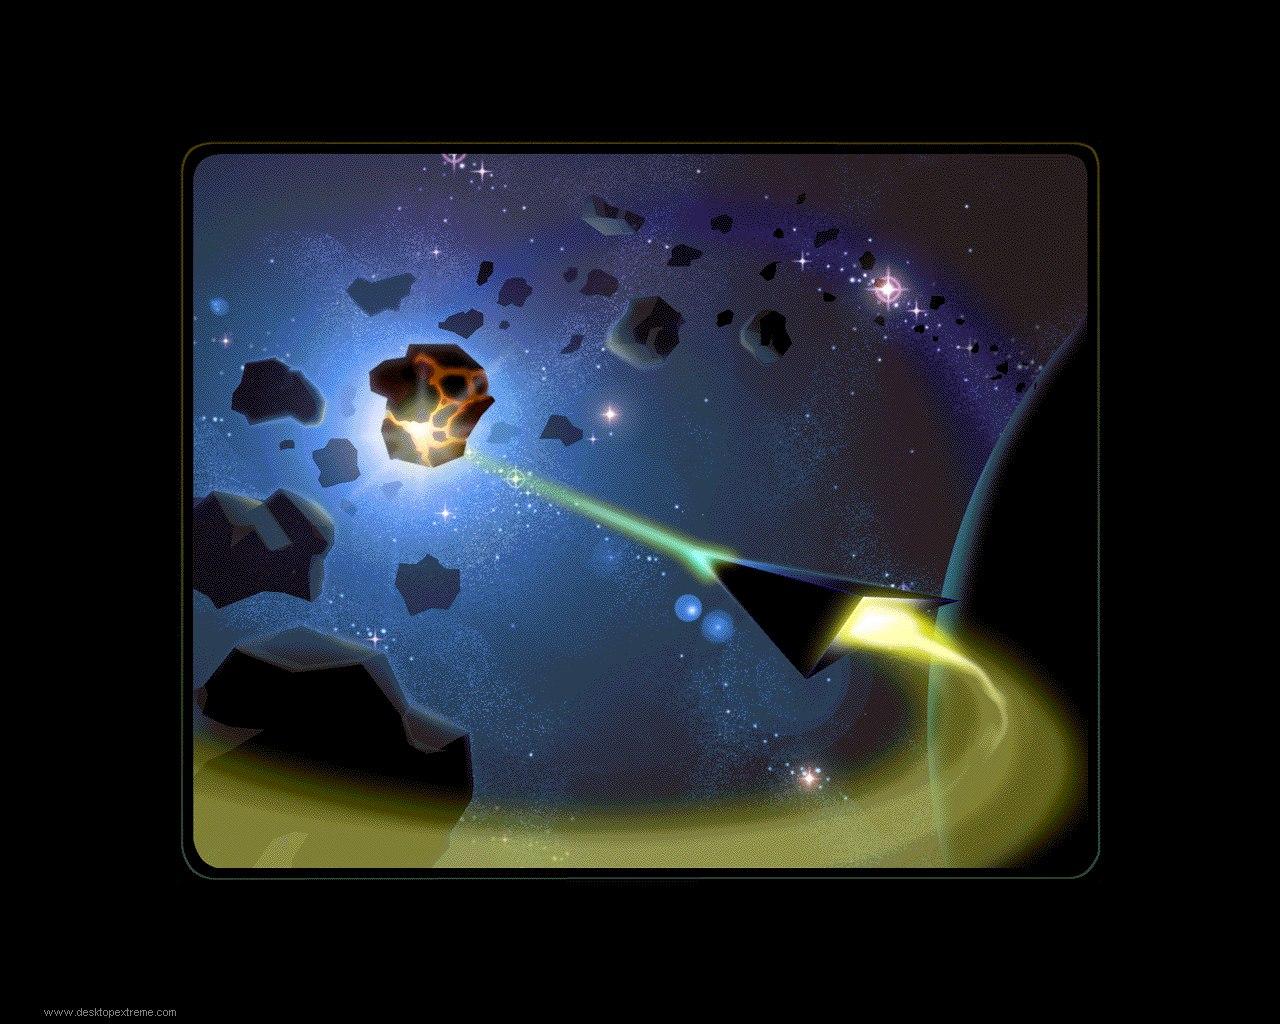 http://1.bp.blogspot.com/-StSgkrOBzuM/T5tVAH0bNII/AAAAAAAAZ_A/OICD1QaM1rY/s1600/Asteroids_224200555706PM727.jpg